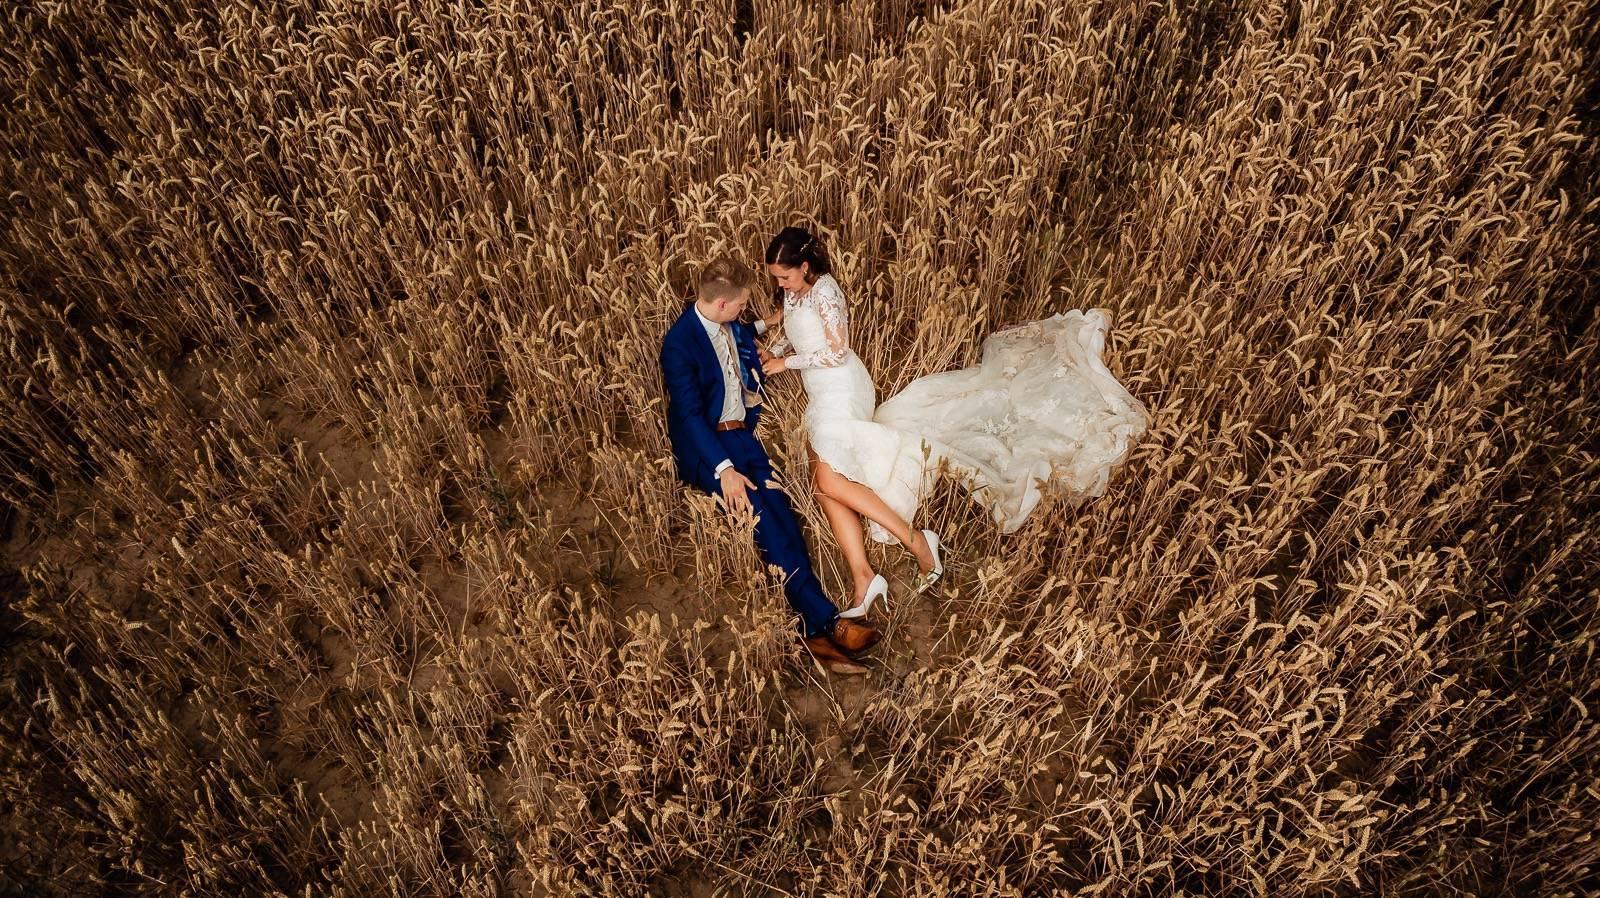 Eppel Fotografie - Trouwfotograaf - Huwelijksfotograaf - House of Weddings - 8